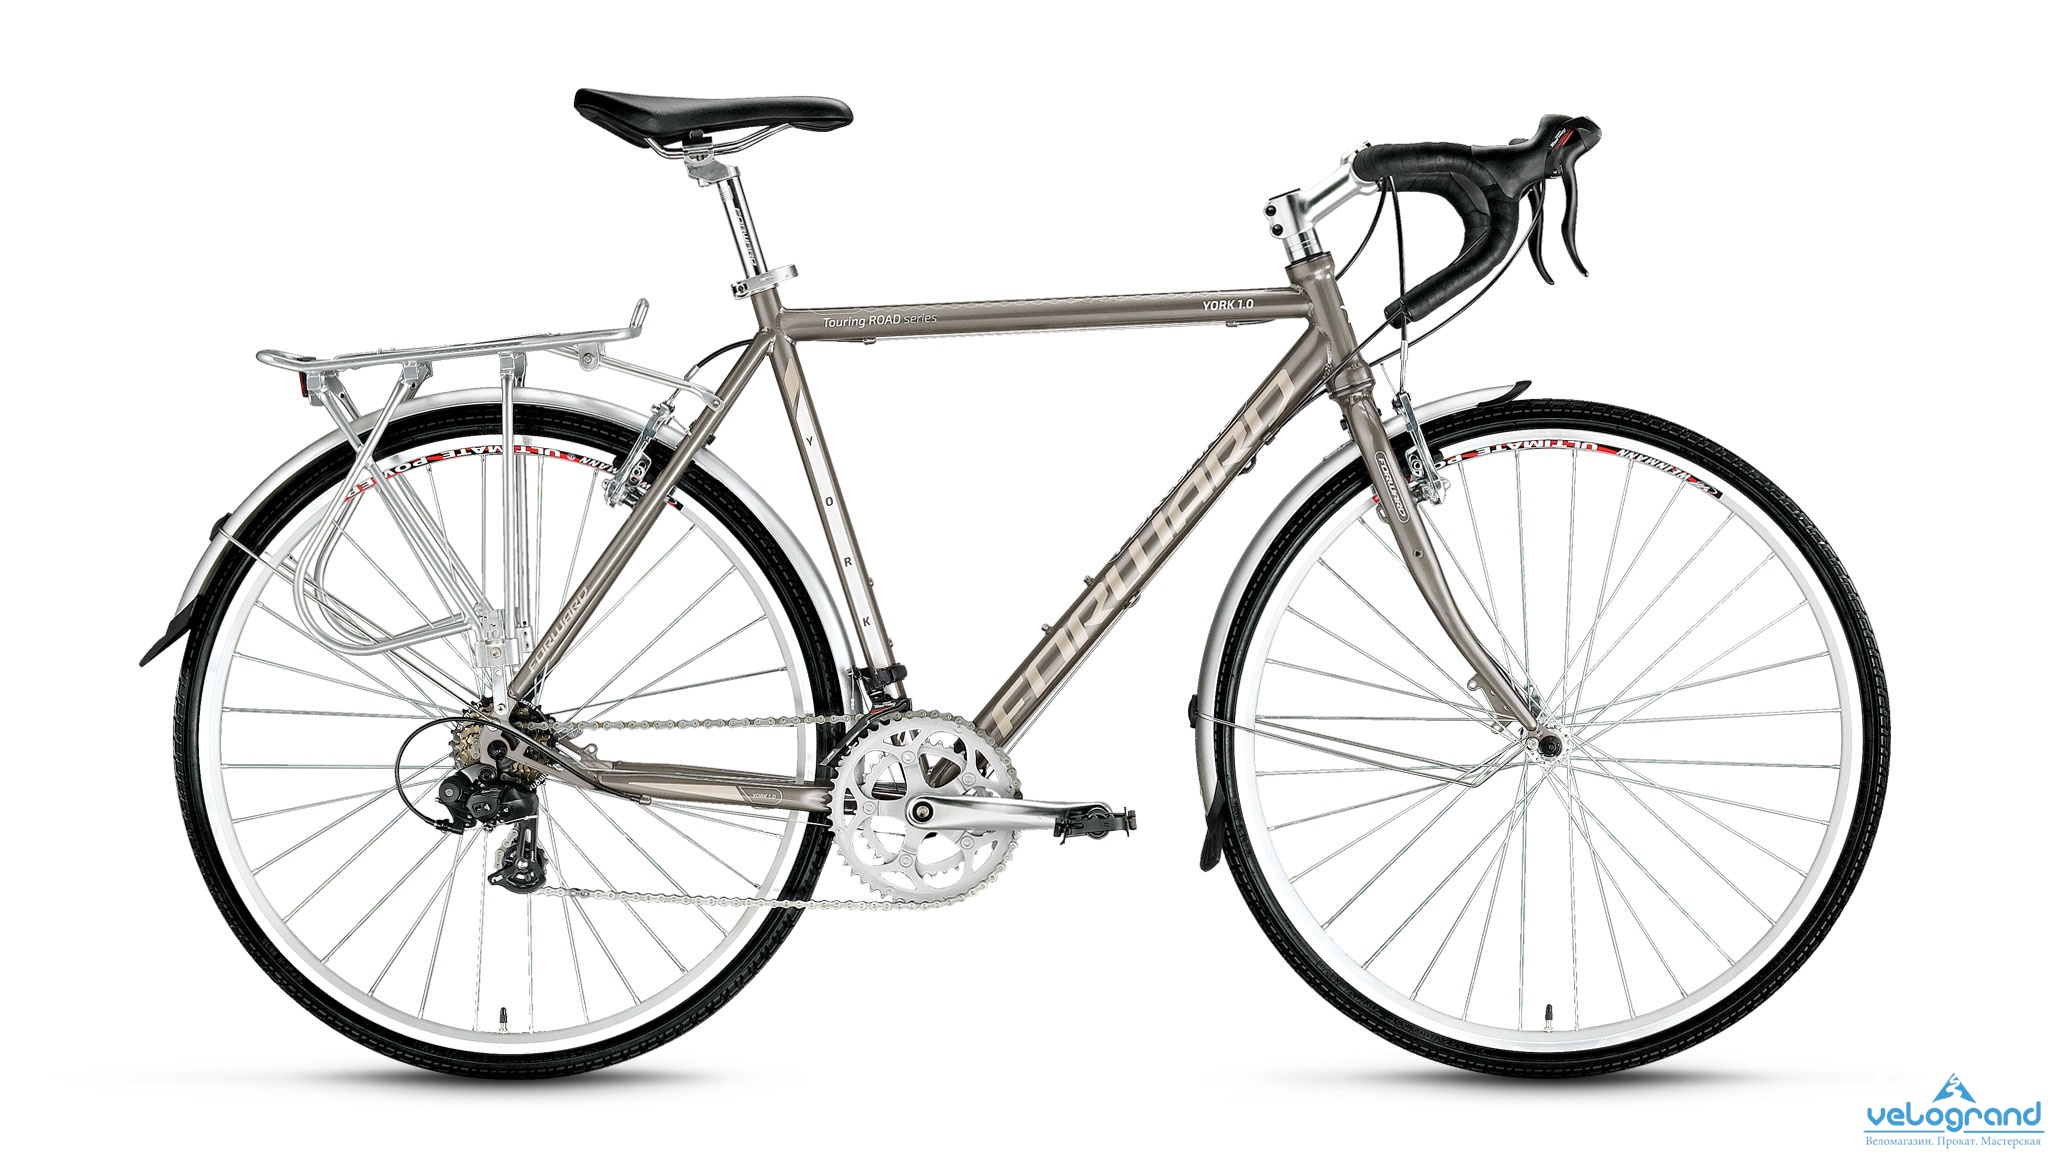 Комфортный велосипед Forward York 1.0 (2016), Цвет Серый, Размер 22